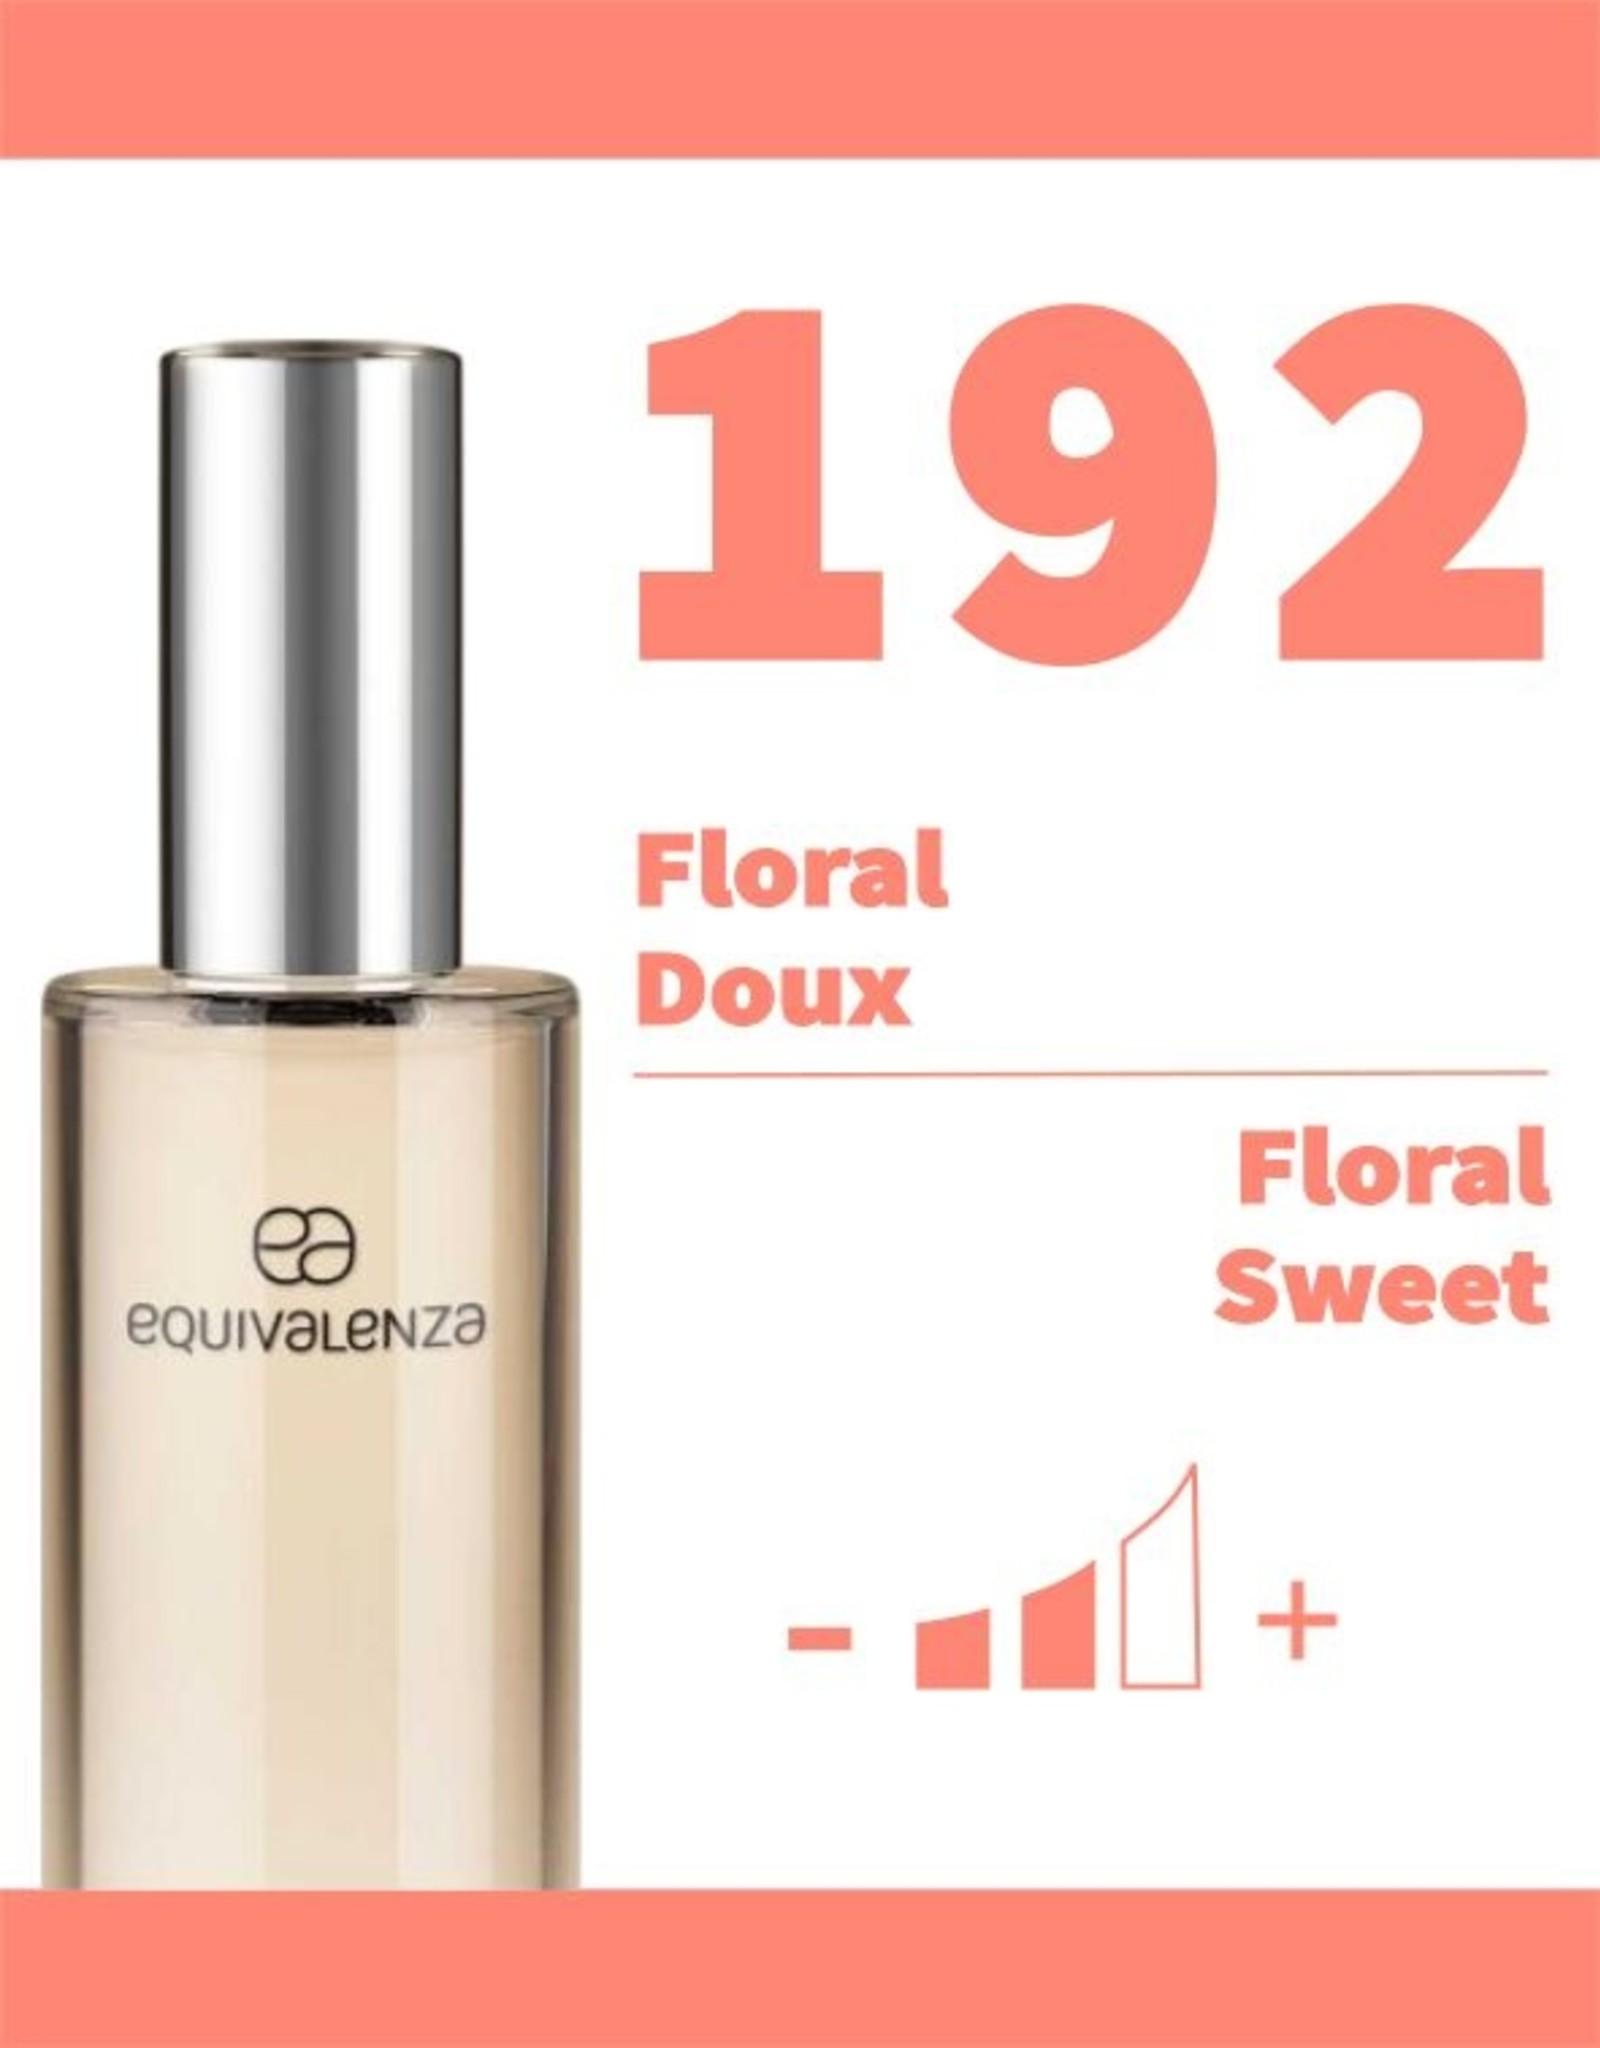 Equivalenza Eau de Parfum Floral doux 192